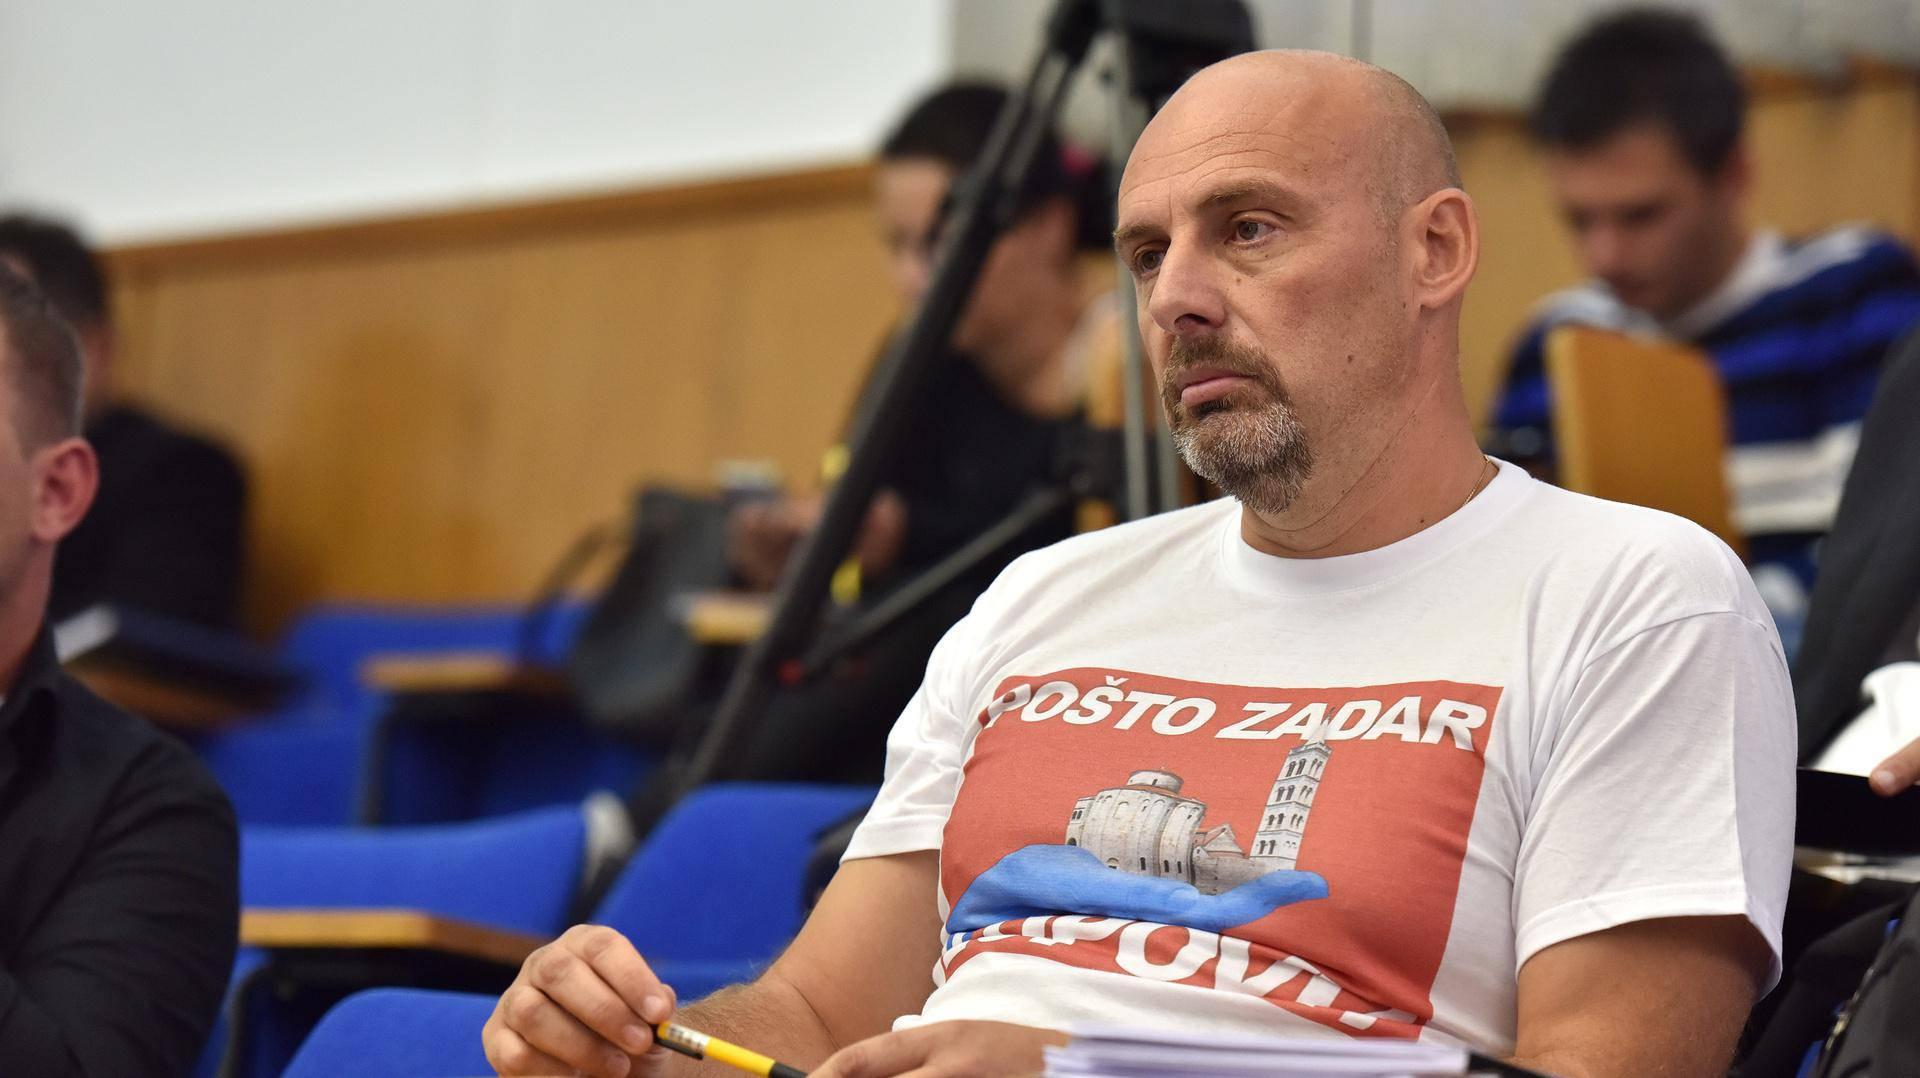 Pretresaju kuću zadarskog vijećnika: Navodno je županu Longinu prijetio na Facebooku